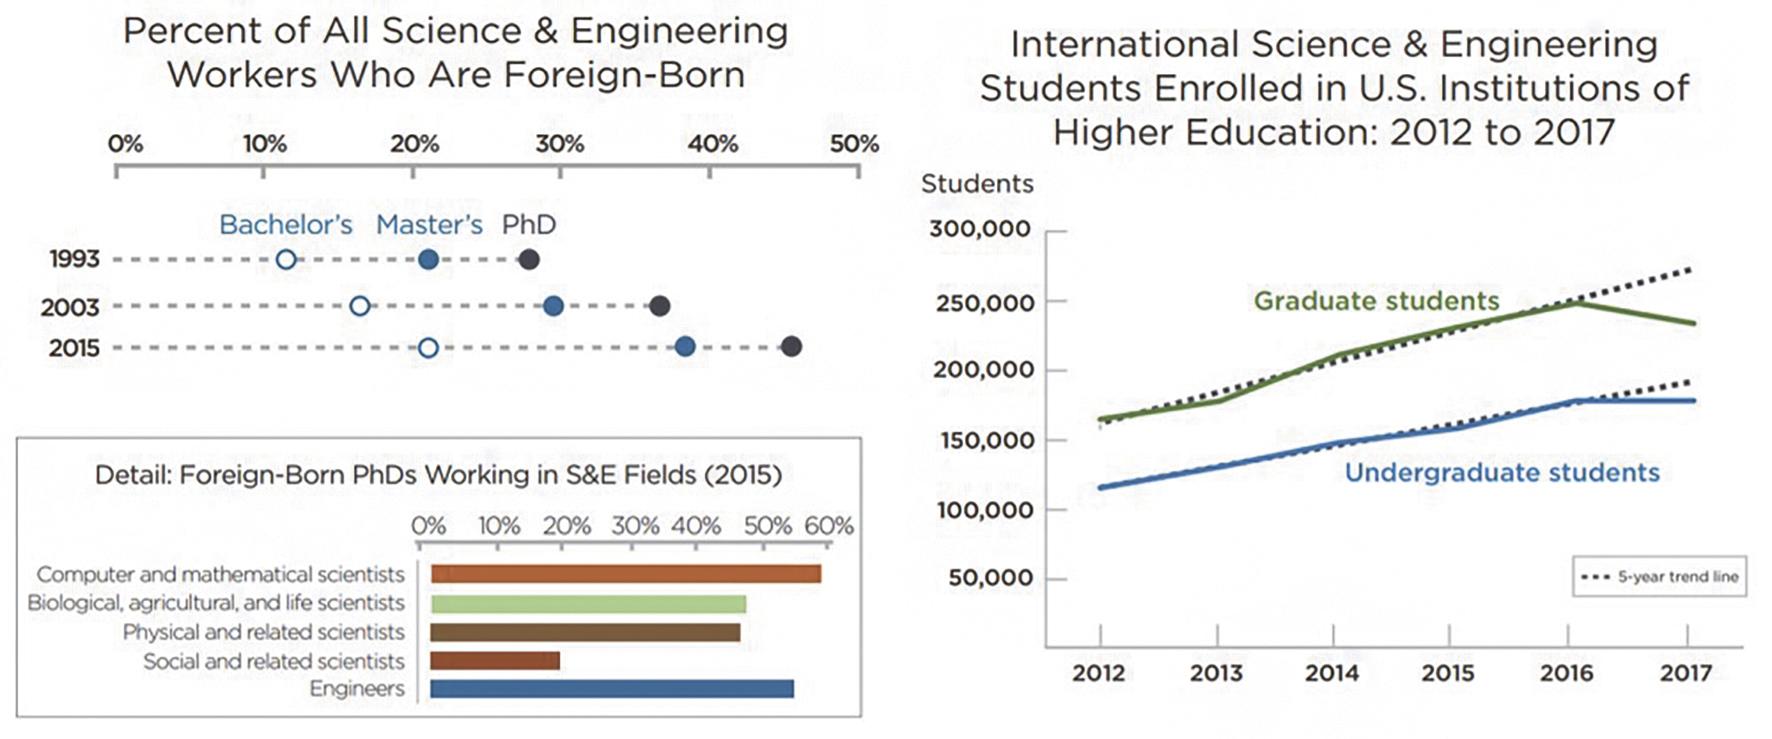 Рис. 1. (а) Динамика роста в 1993–2015 годах относительной доли научно-инженерных специалистов в США, которые родились за пределами страны, с разбивкой по уровню образования и области специализации. (б) Количество иностранных студентов, обучающихся по специальностям (STEM) в американских университетах.